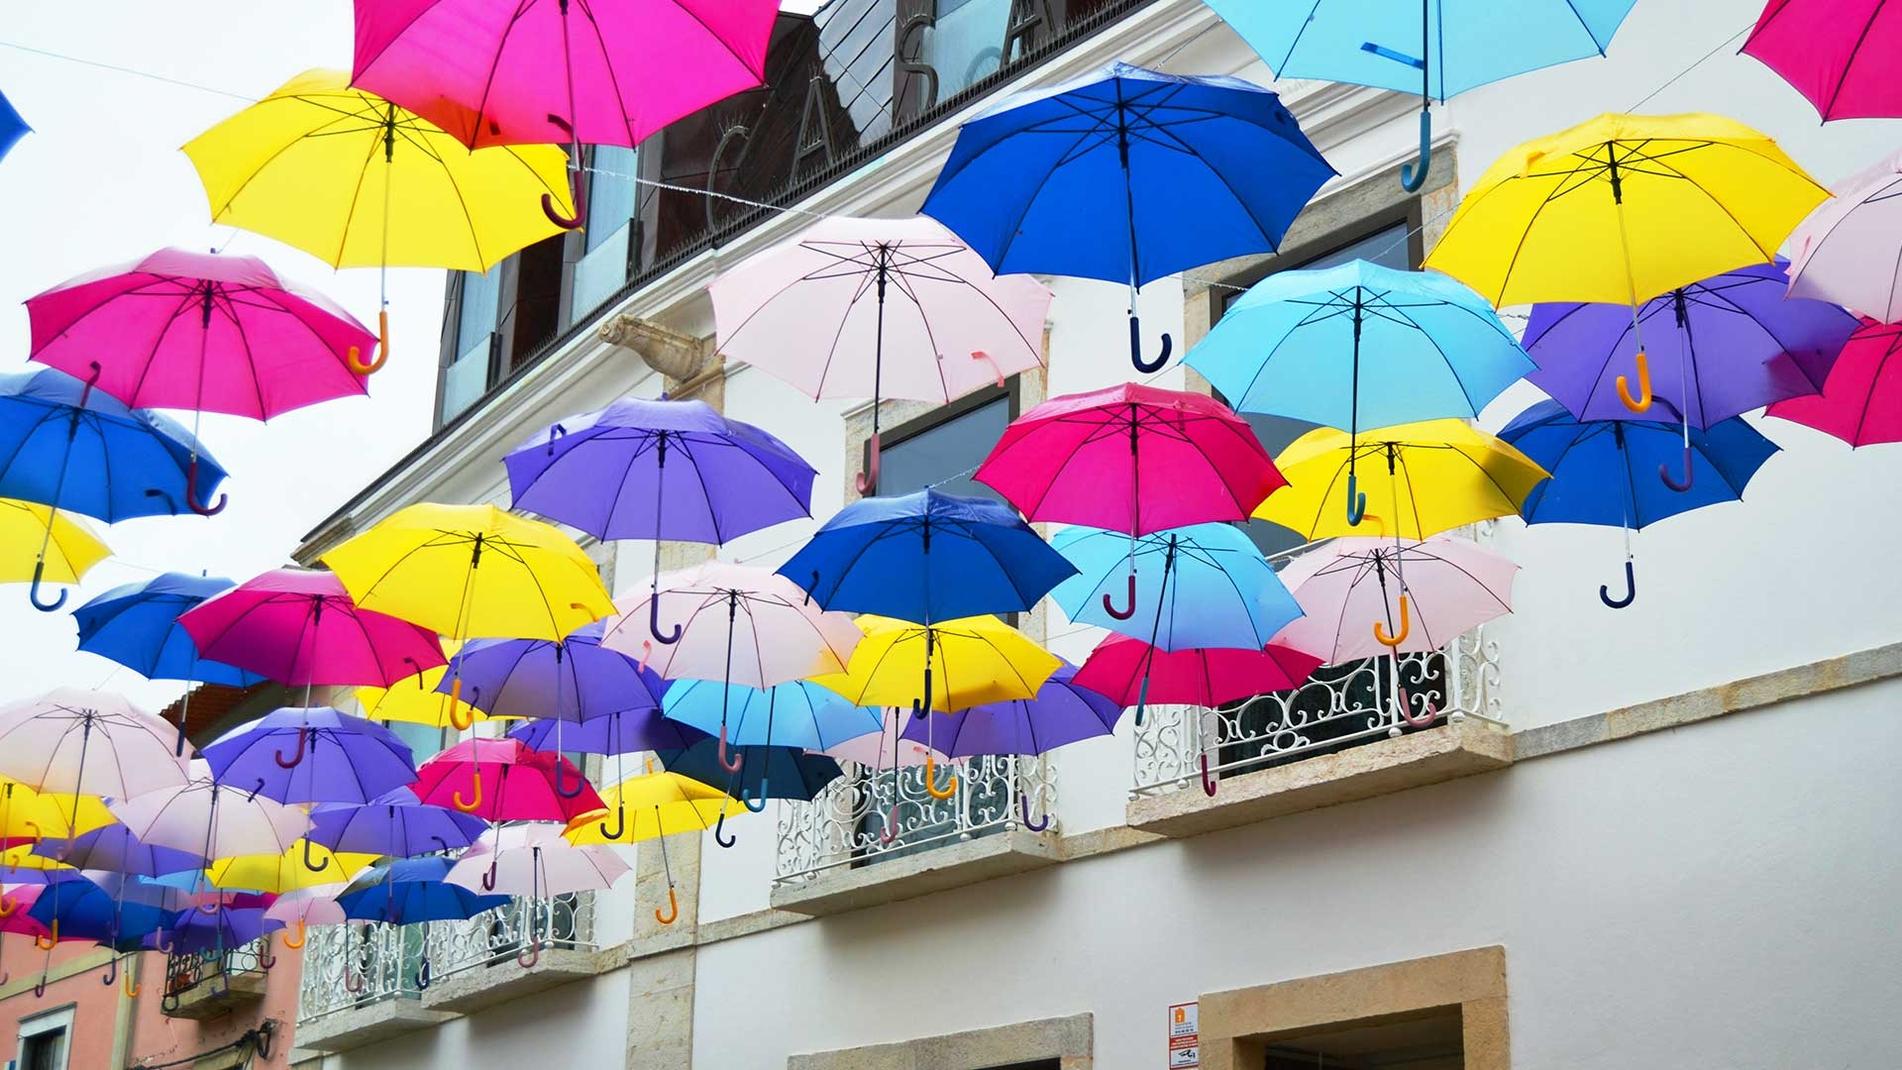 Umbrella Sky Project - Setúbal'14